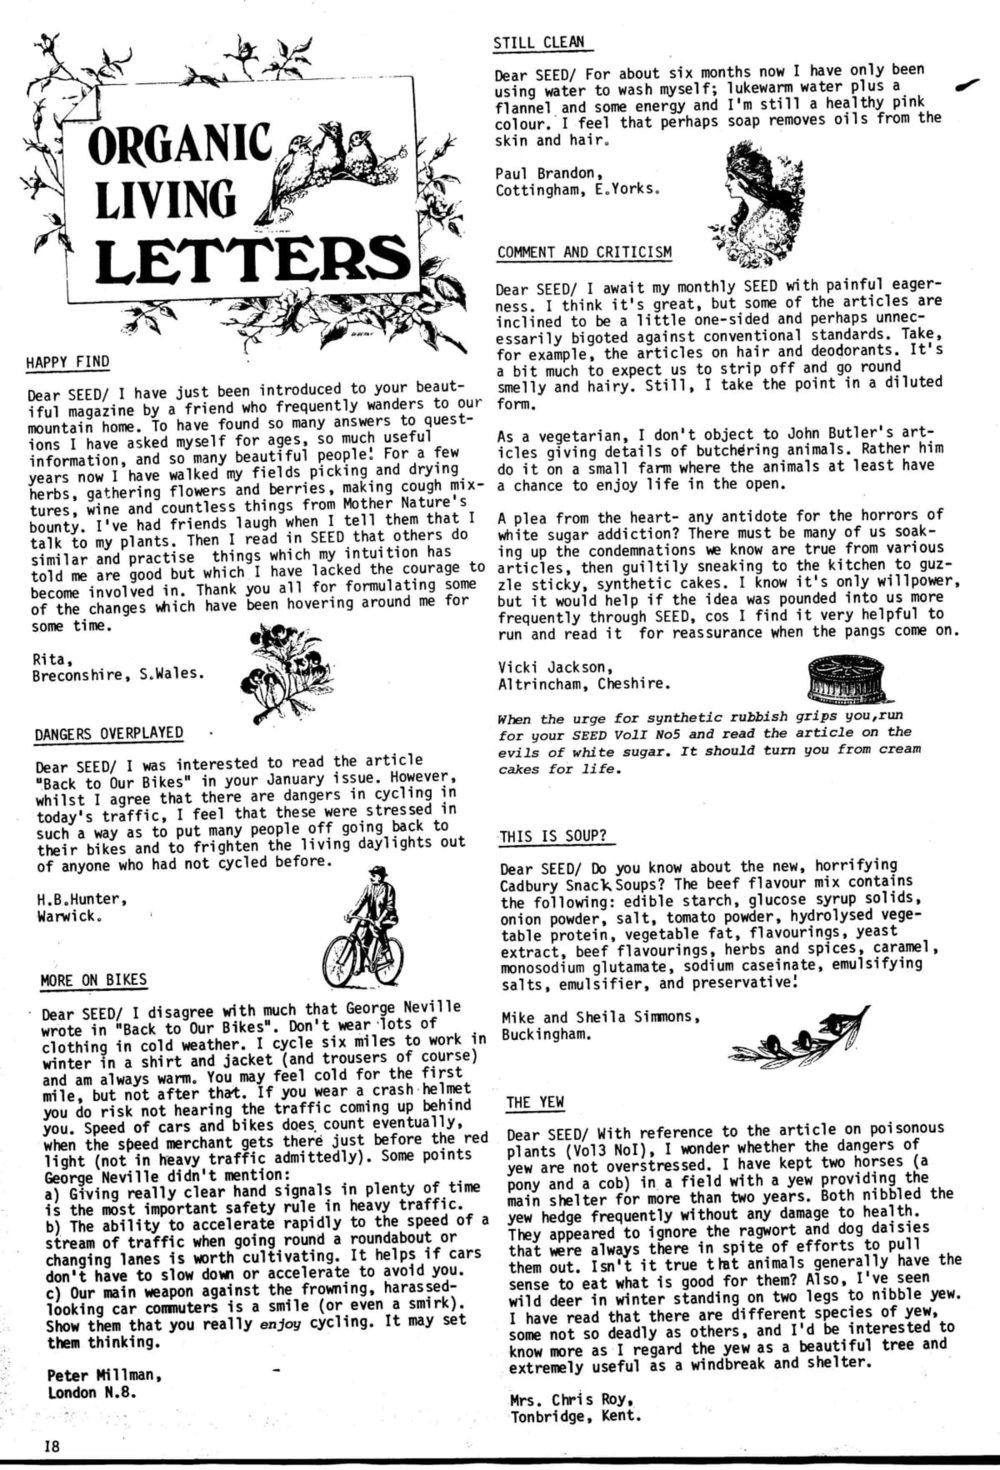 seed-v3-n3-march1974-18.jpg